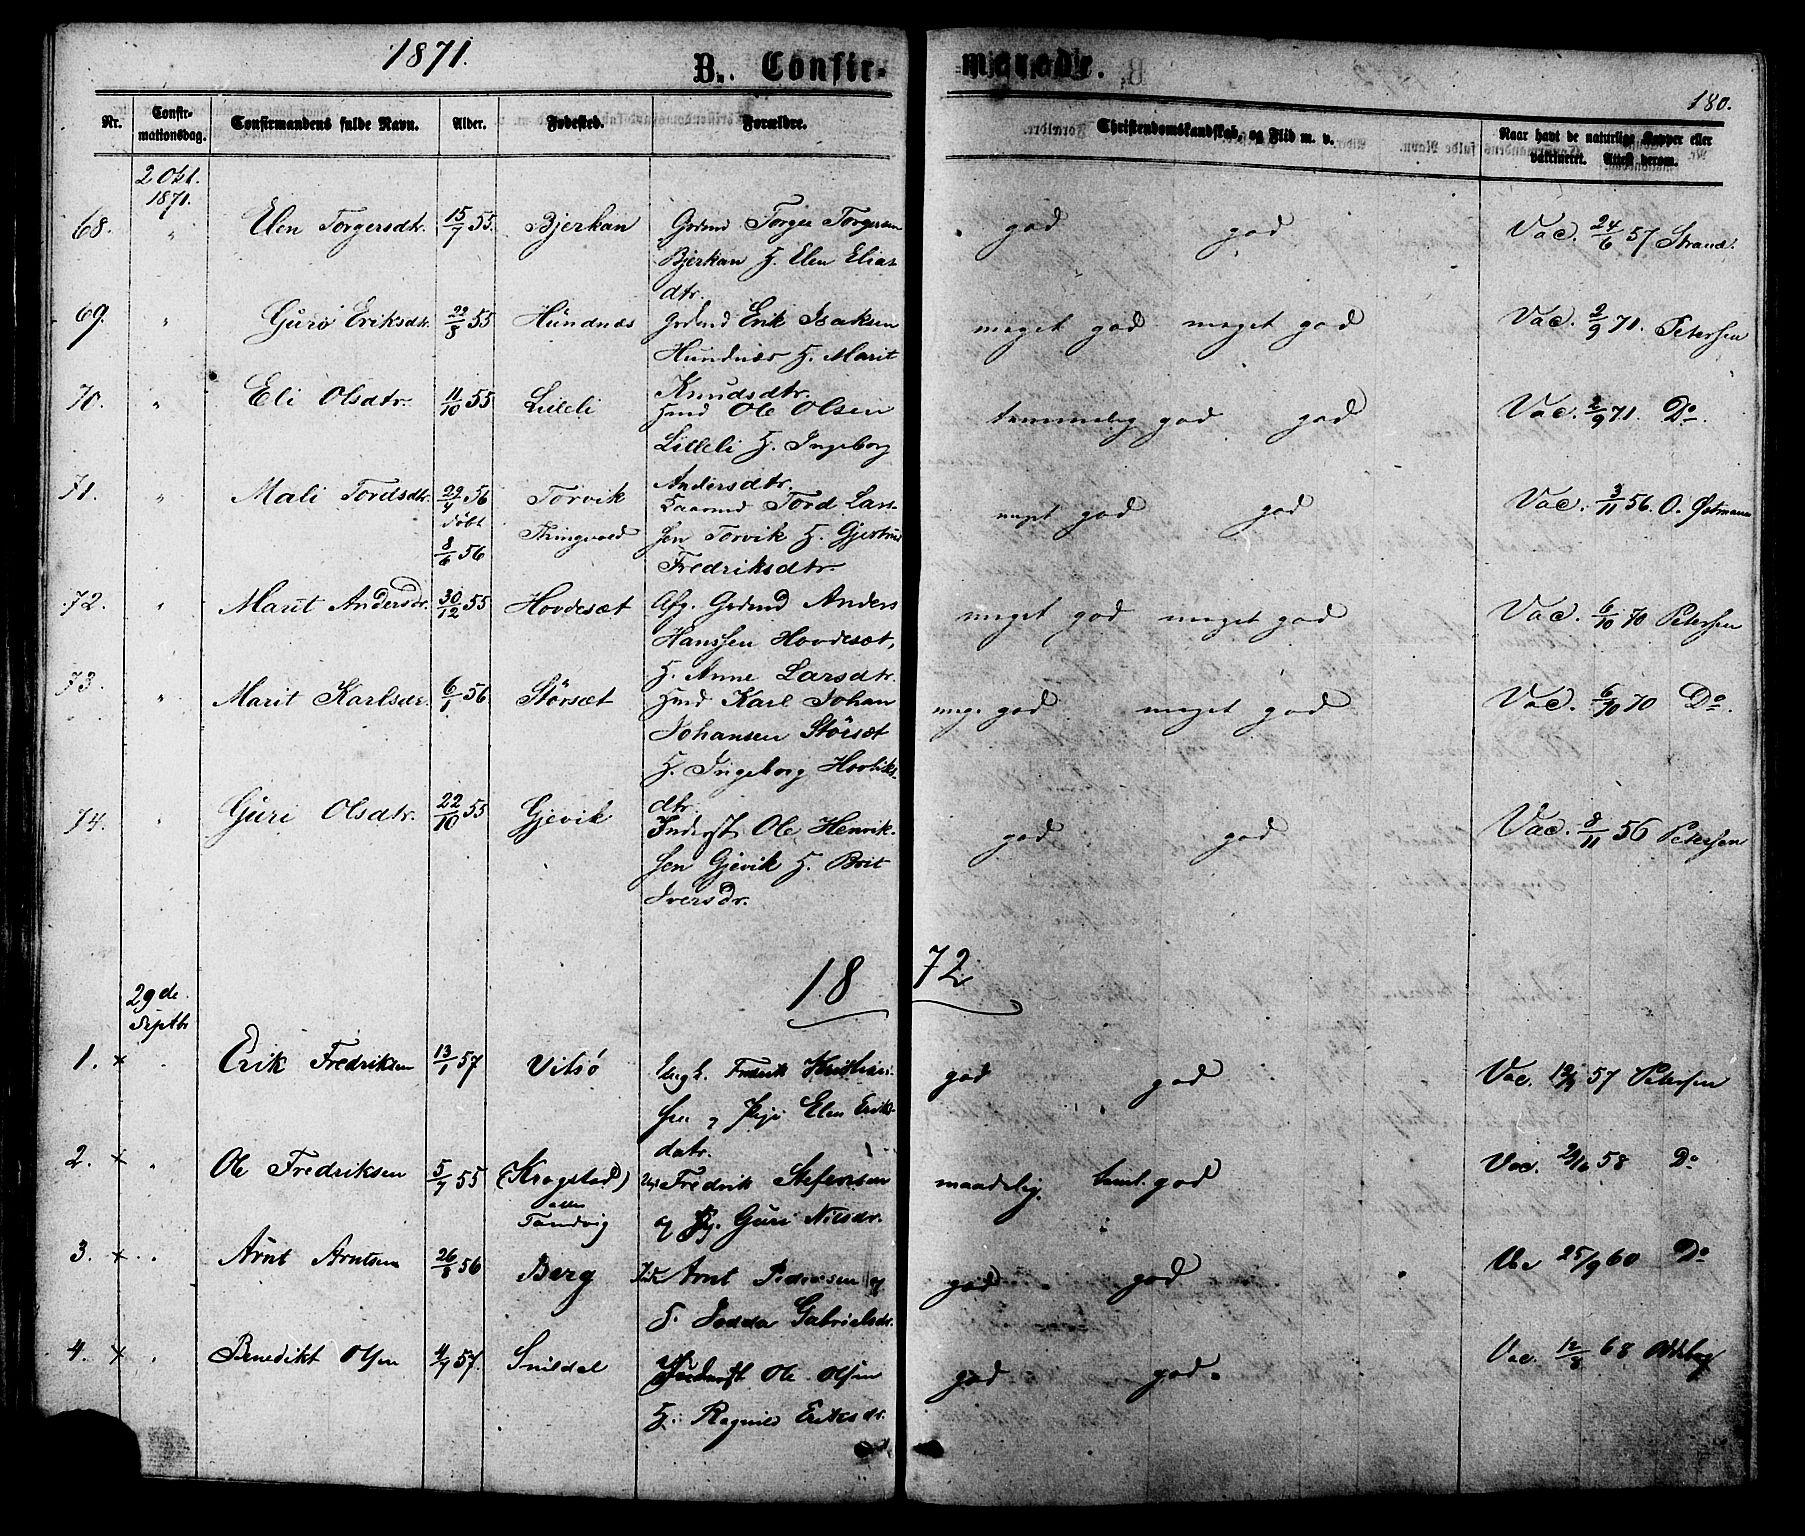 SAT, Ministerialprotokoller, klokkerbøker og fødselsregistre - Sør-Trøndelag, 630/L0495: Ministerialbok nr. 630A08, 1868-1878, s. 180